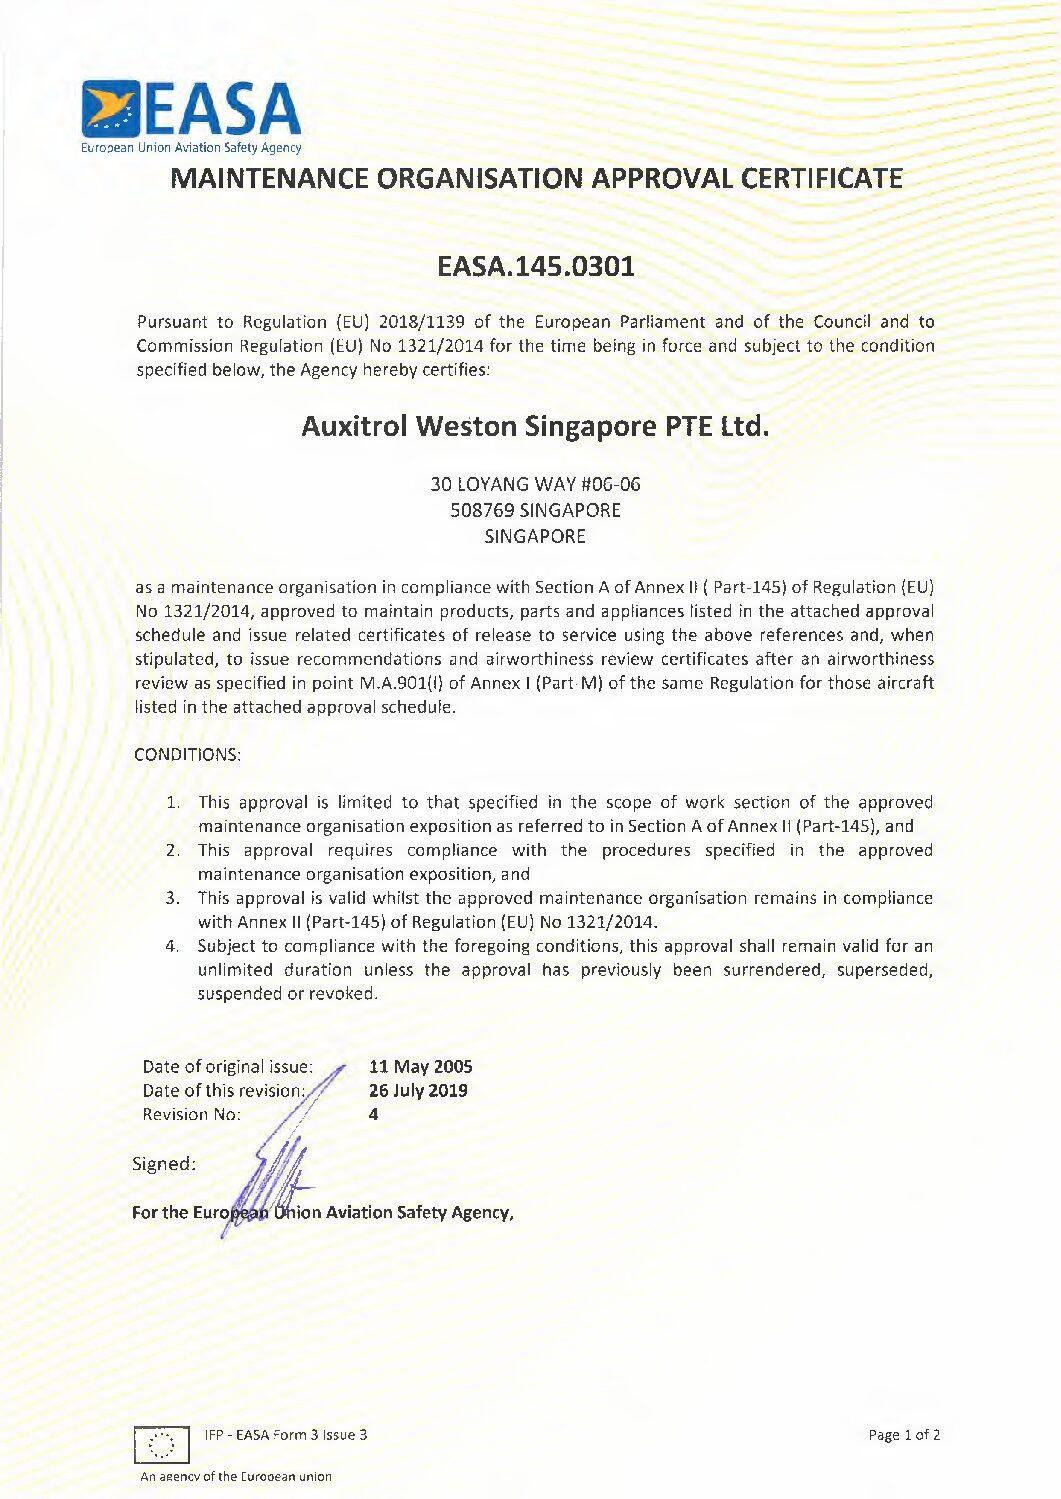 AW-Singapore-EASA-approval-pdf